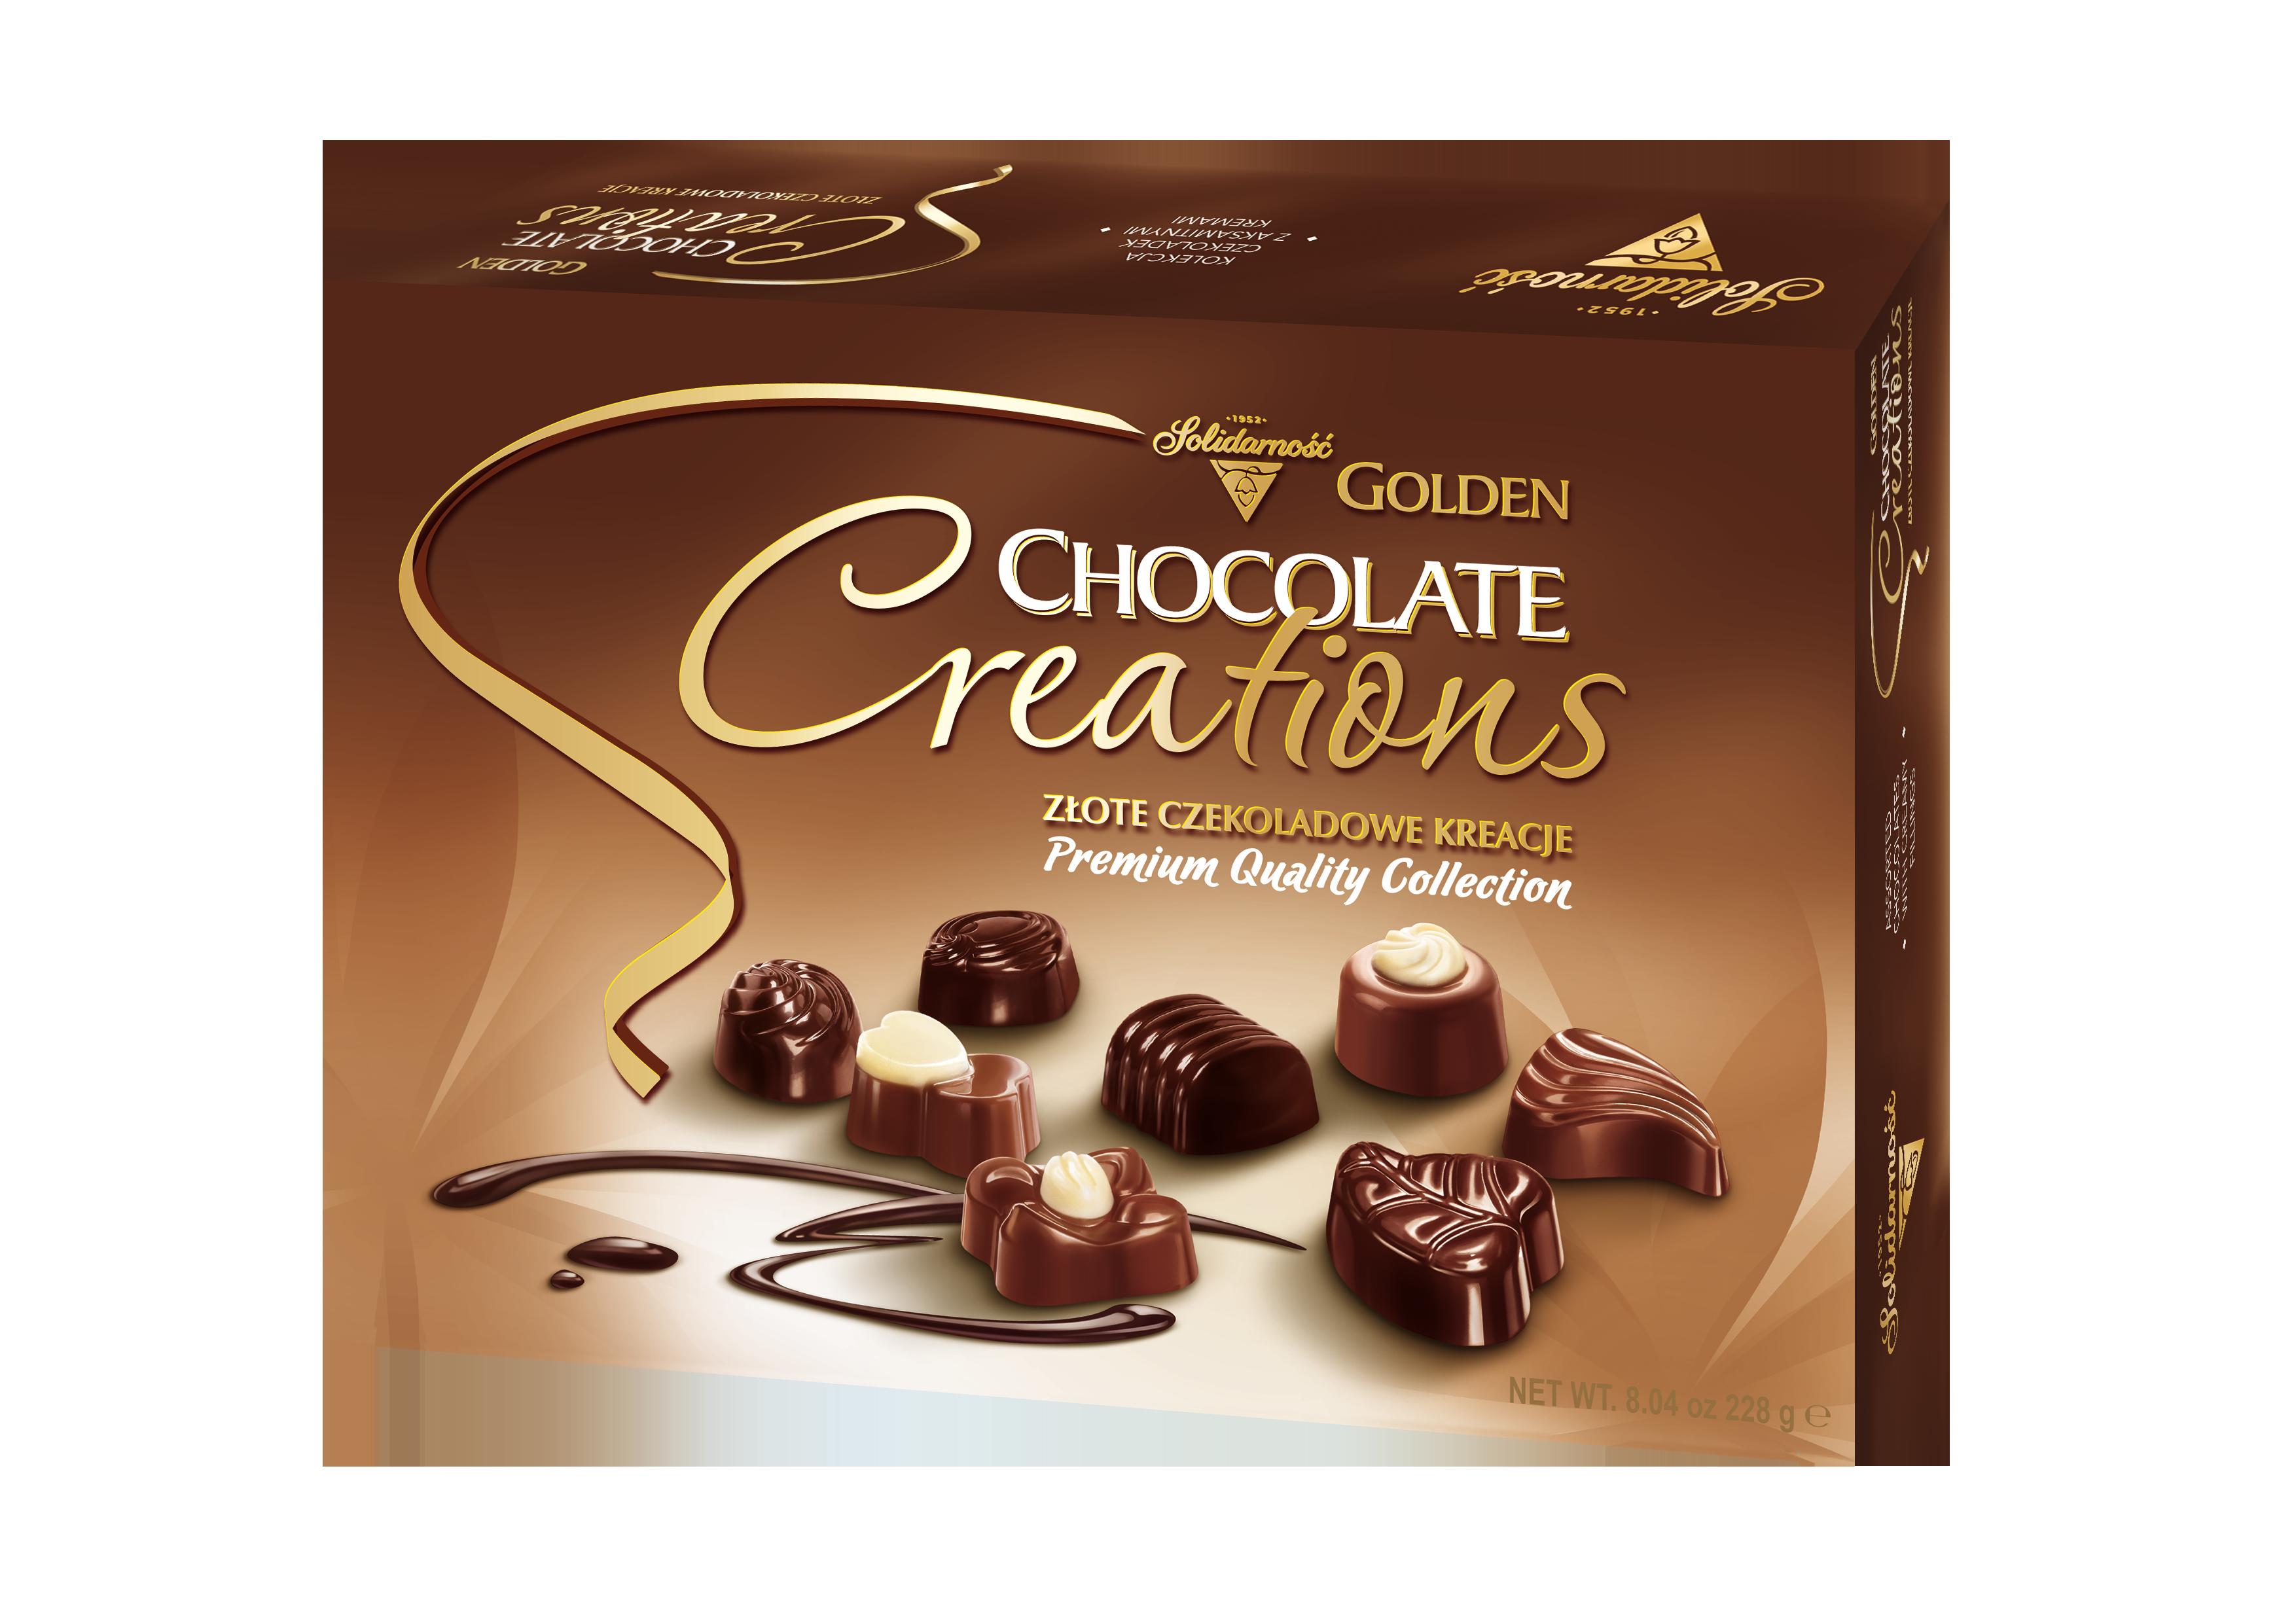 Золотое Шоколадное Творение 228г